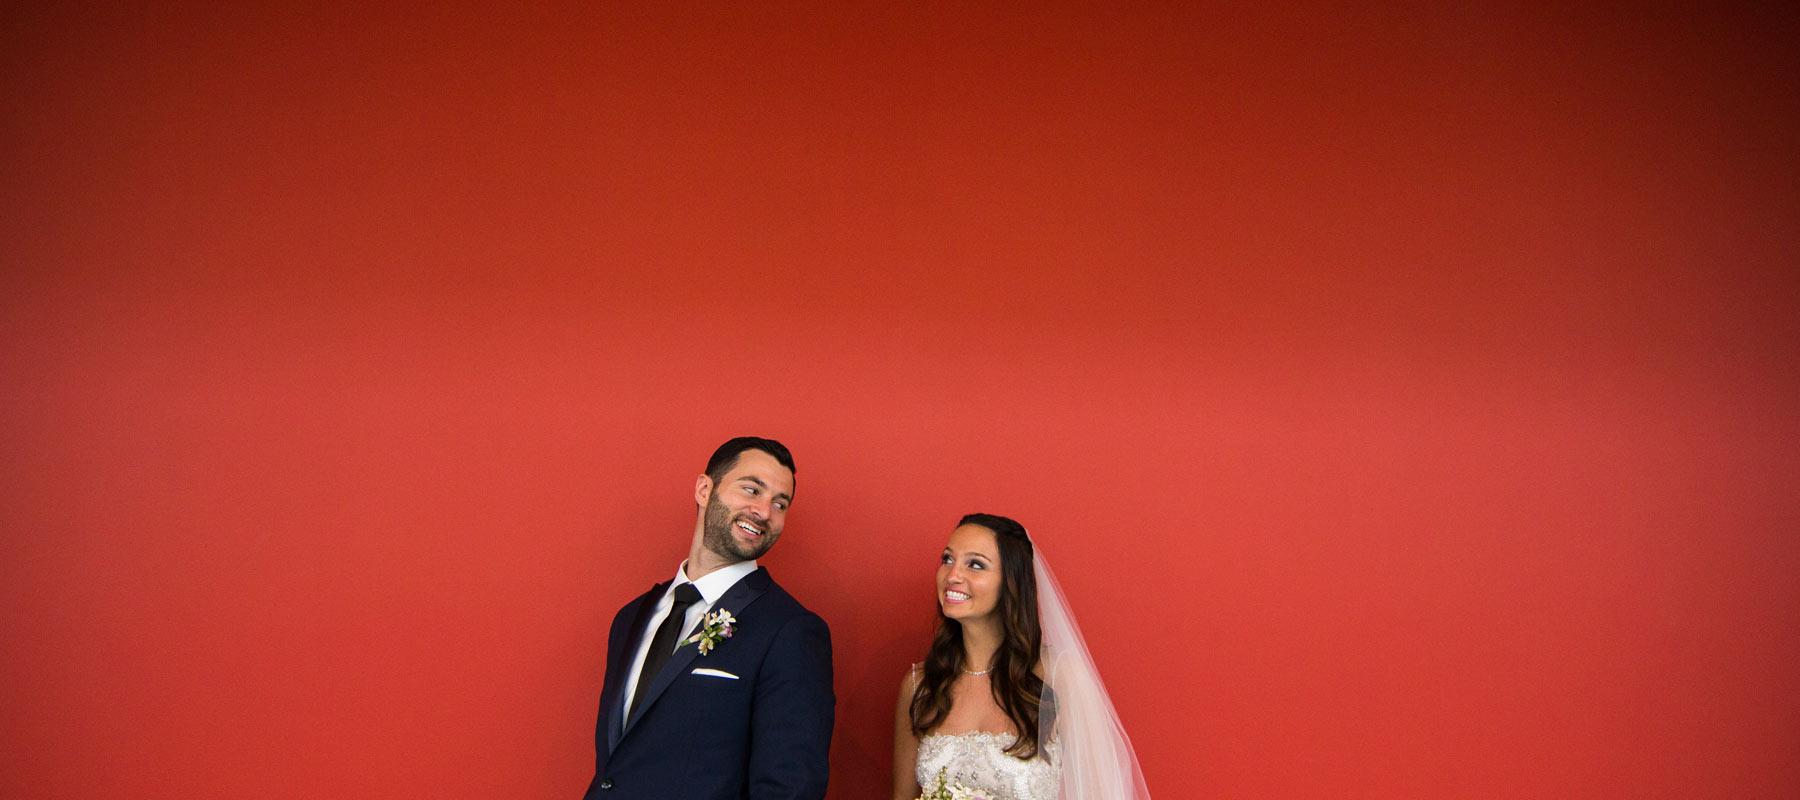 Nooch + Looch // Married